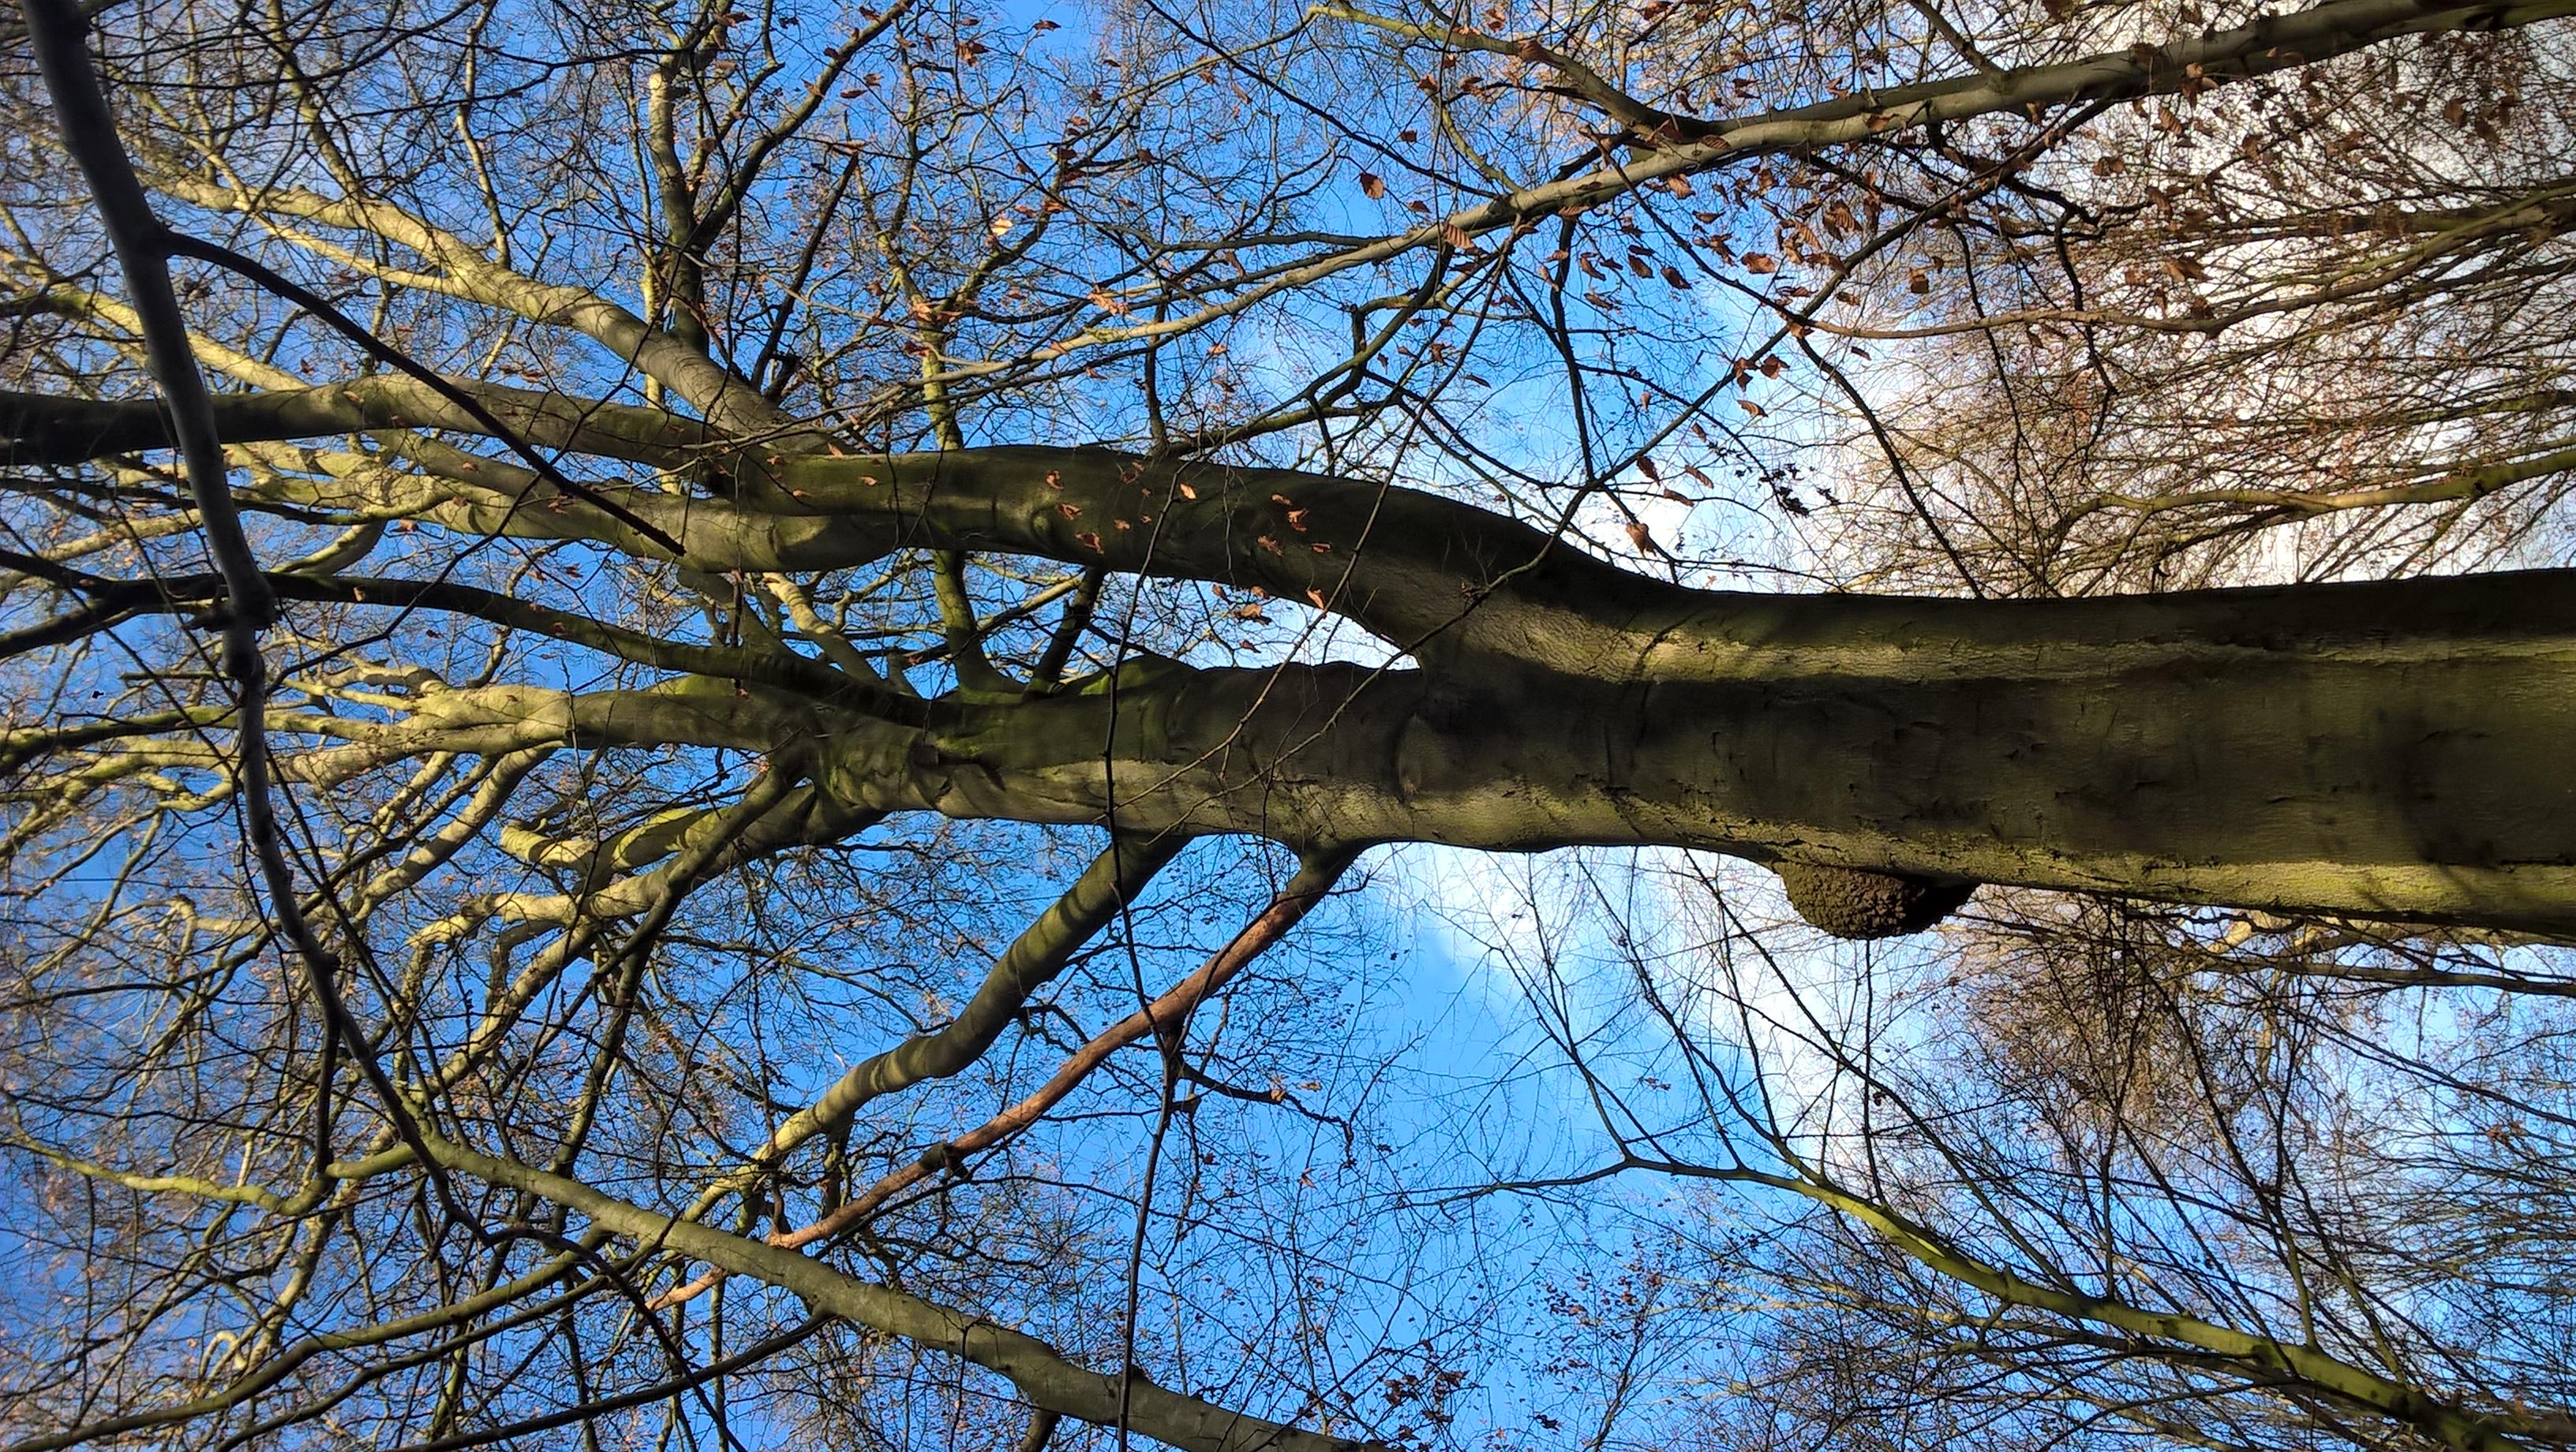 Hêtre d'Europe – Bruxelles, Bois de la Cambre –  17 Décembre 2020